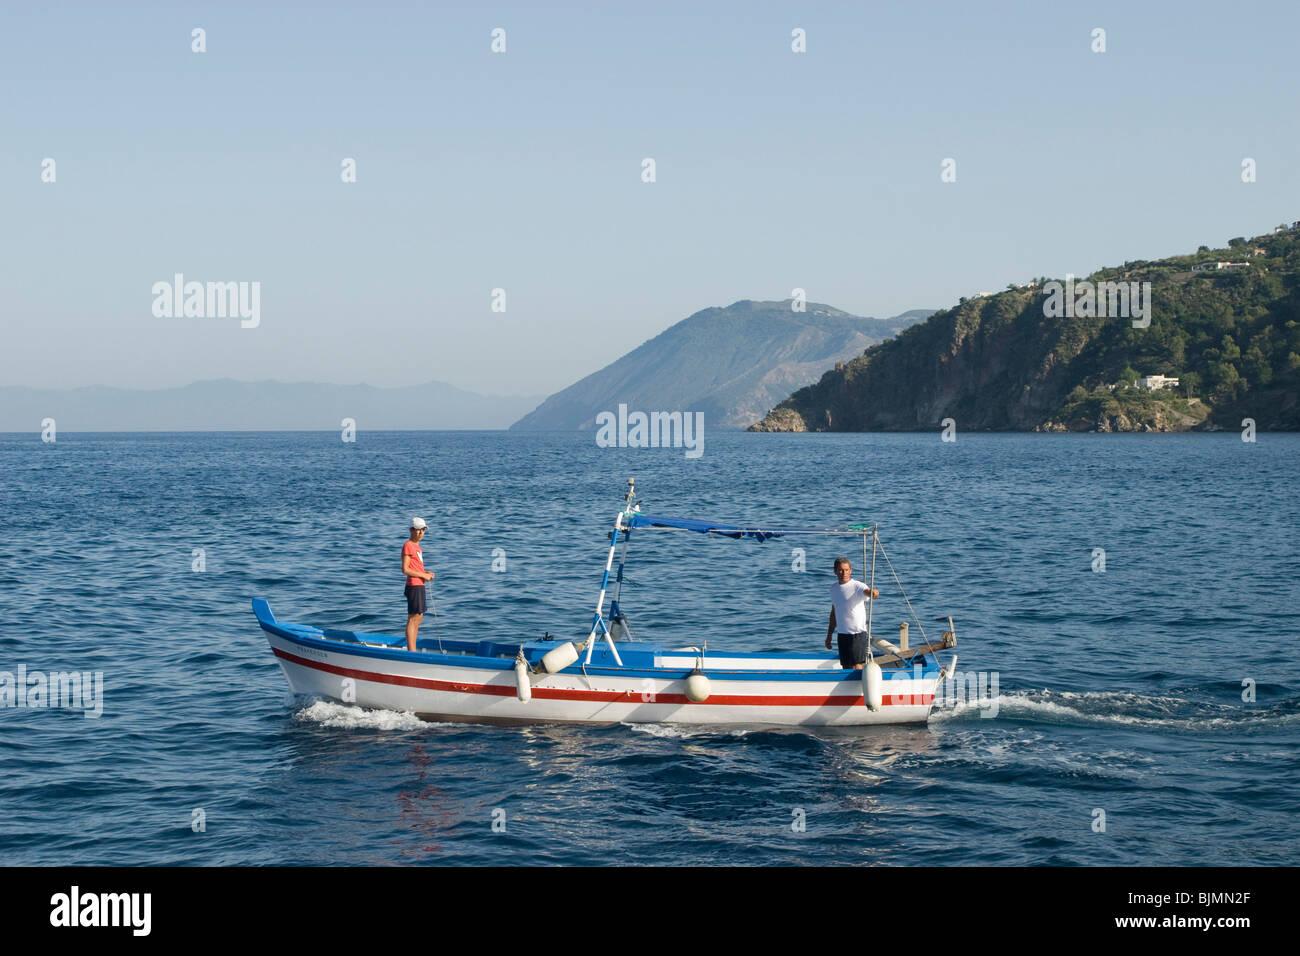 Italien, Sizilien, Liparische Inseln, Insel Lipari, Fischerboot | Italien, Sizilien, Liparischen Inseln, Insel Lipari, Stockbild